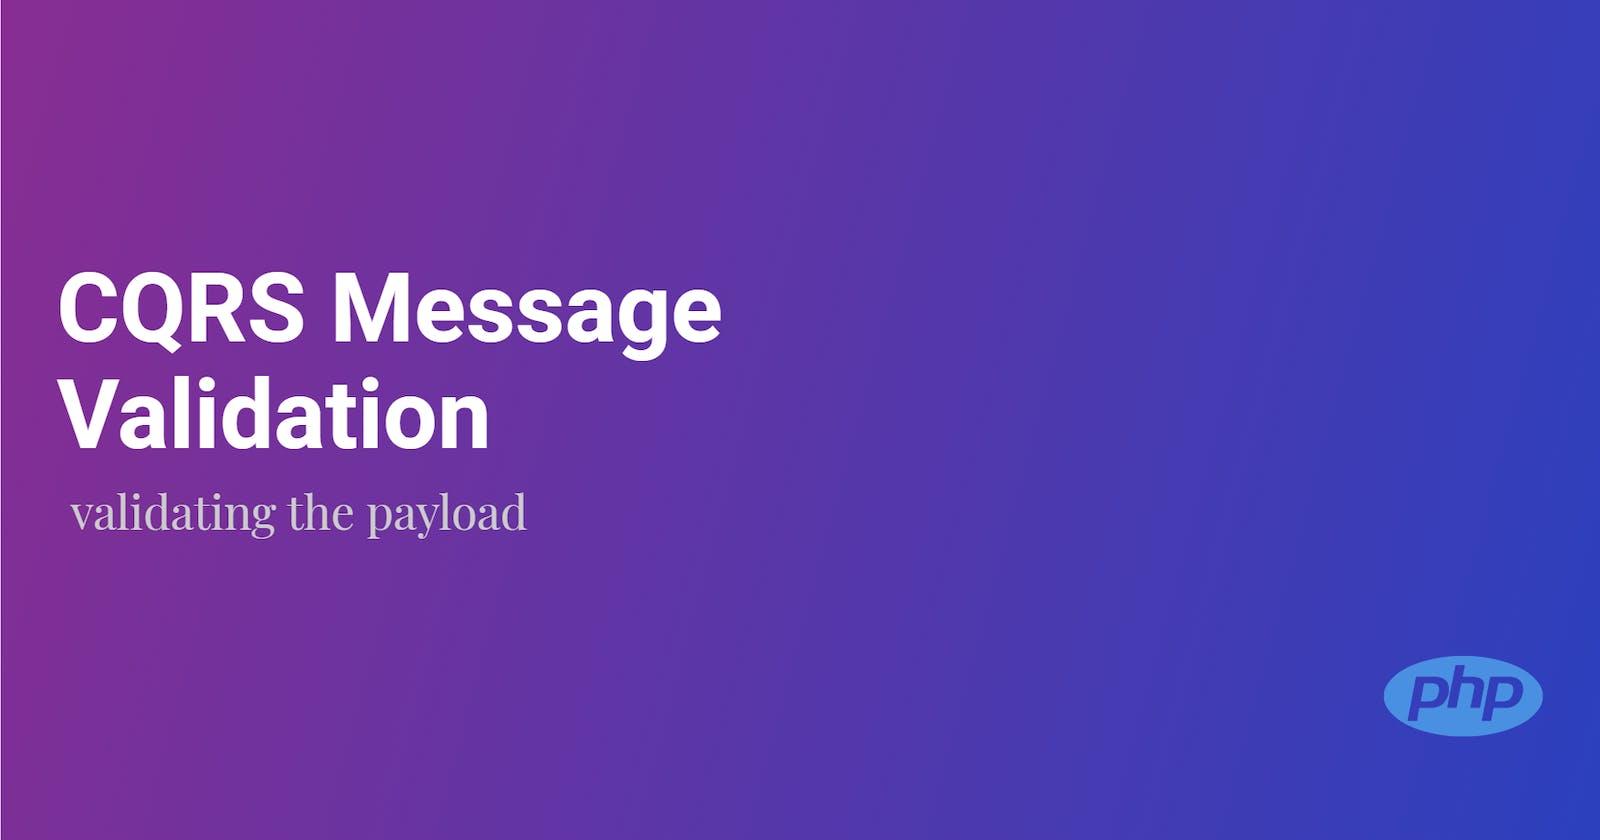 CQRS Message Validation